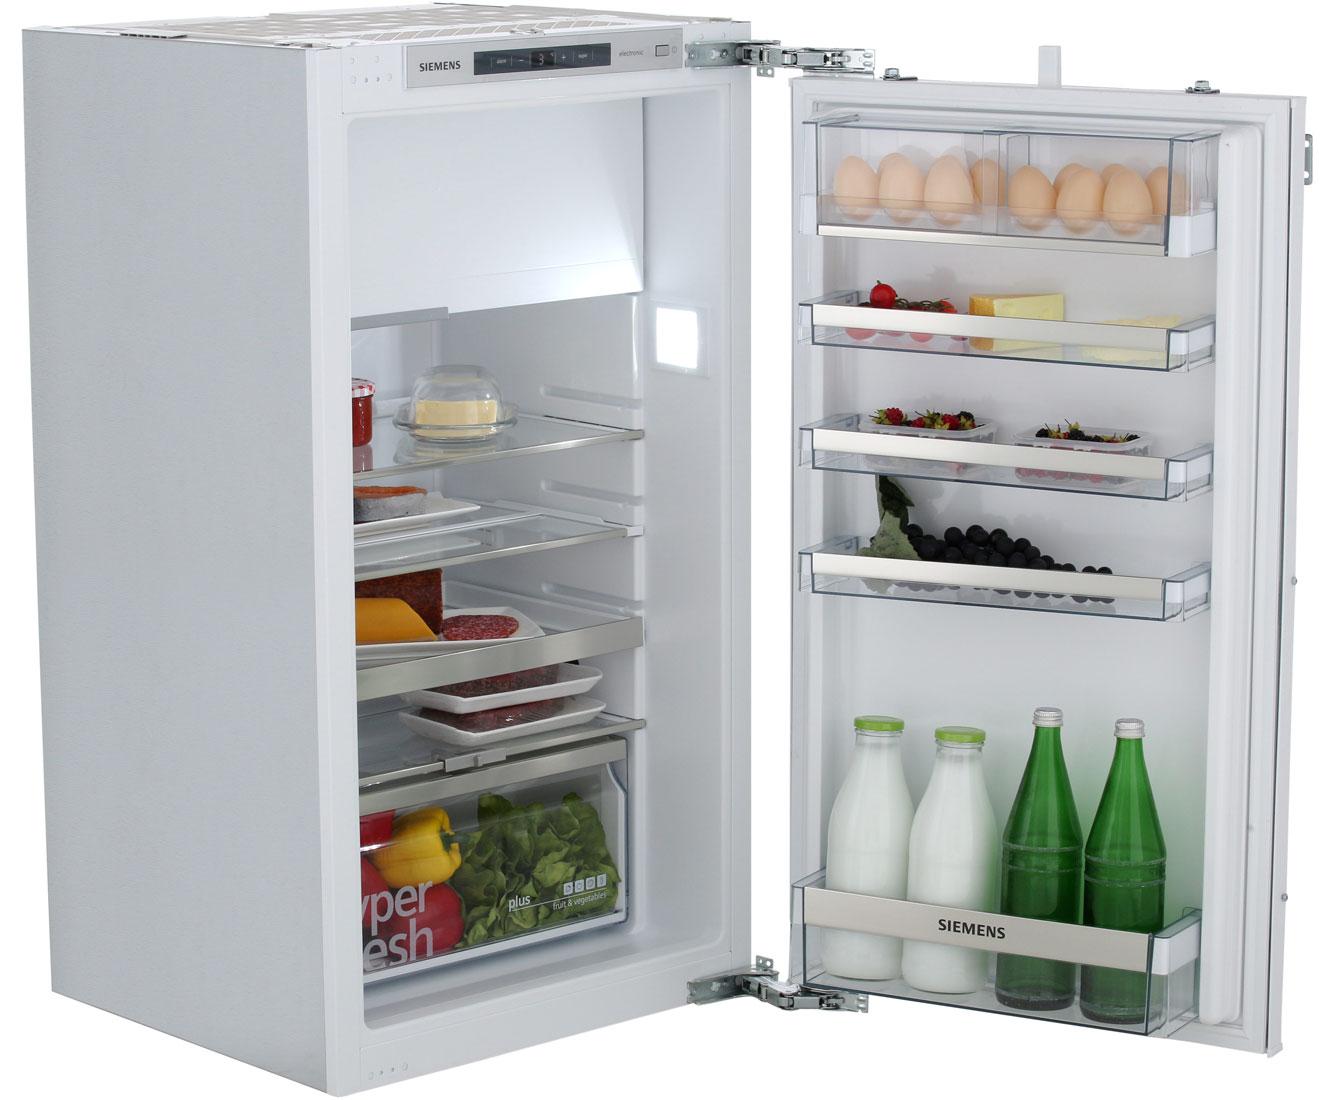 Einbaukühlschränke Gefrierfach Preisvergleich • Die Besten